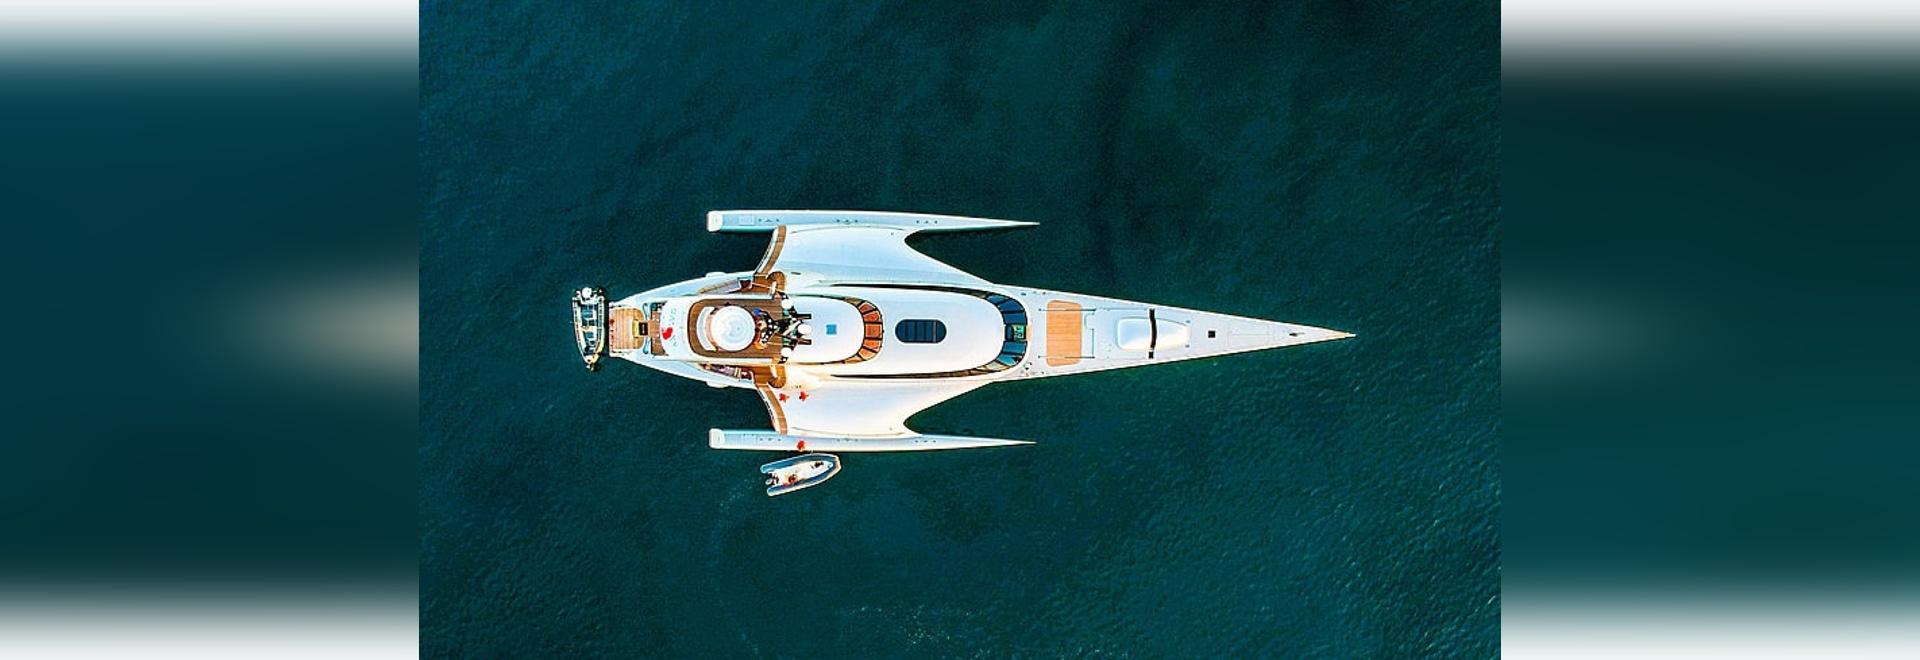 Die Trimaran-Superyacht Galaxy of Happiness in Sardinien